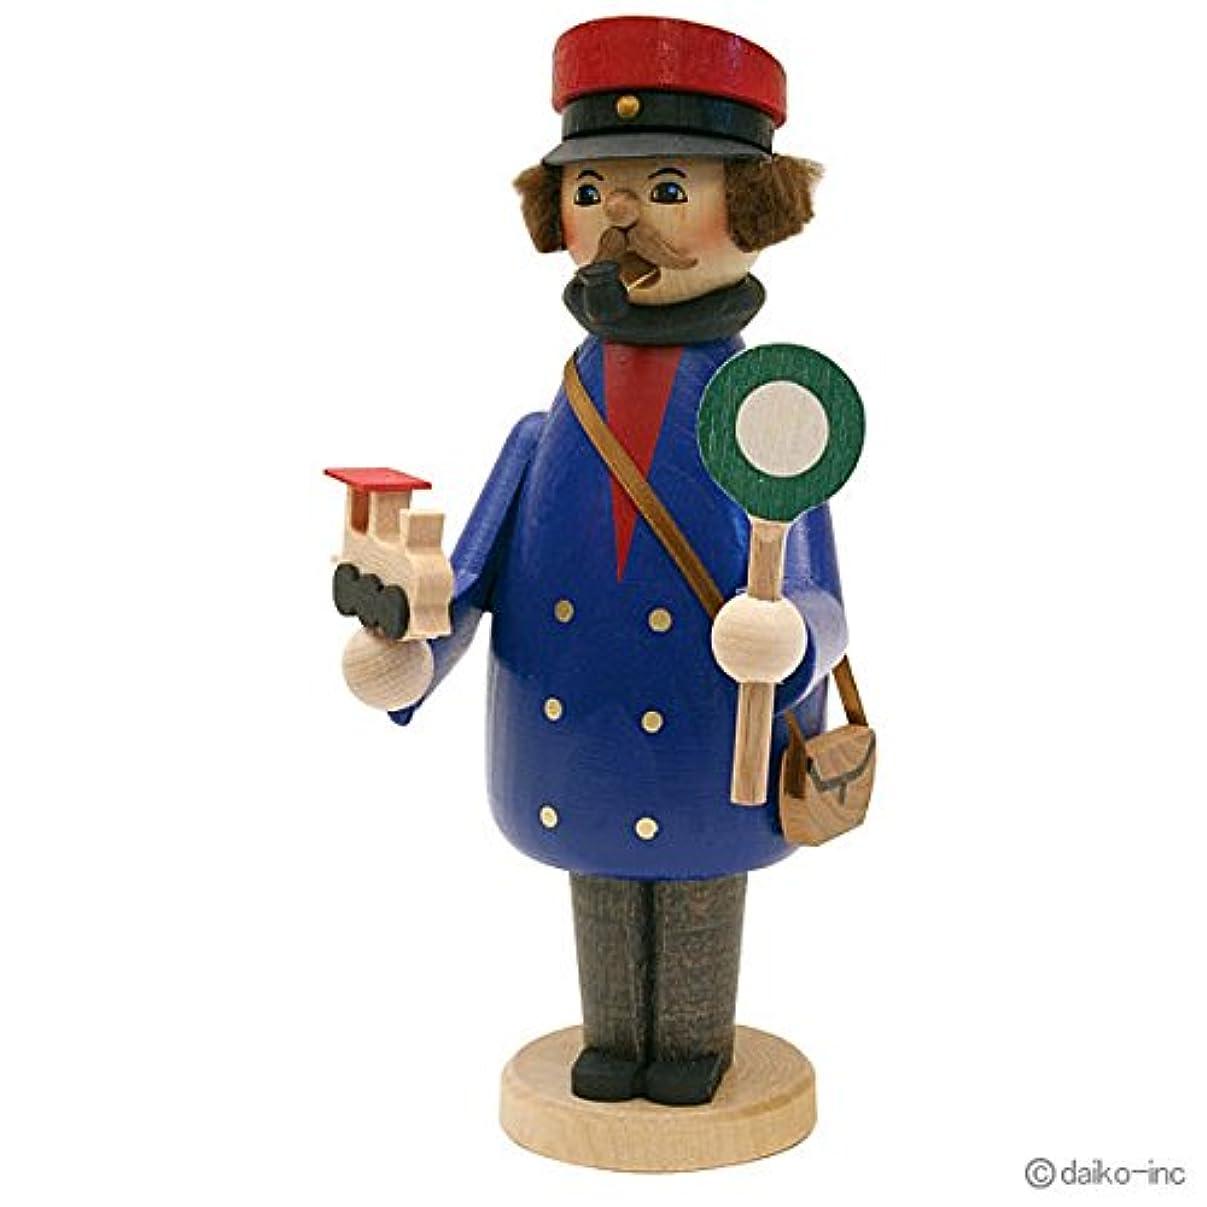 ティッシュ節約瞬時にkuhnert ミニパイプ人形香炉 鉄道員